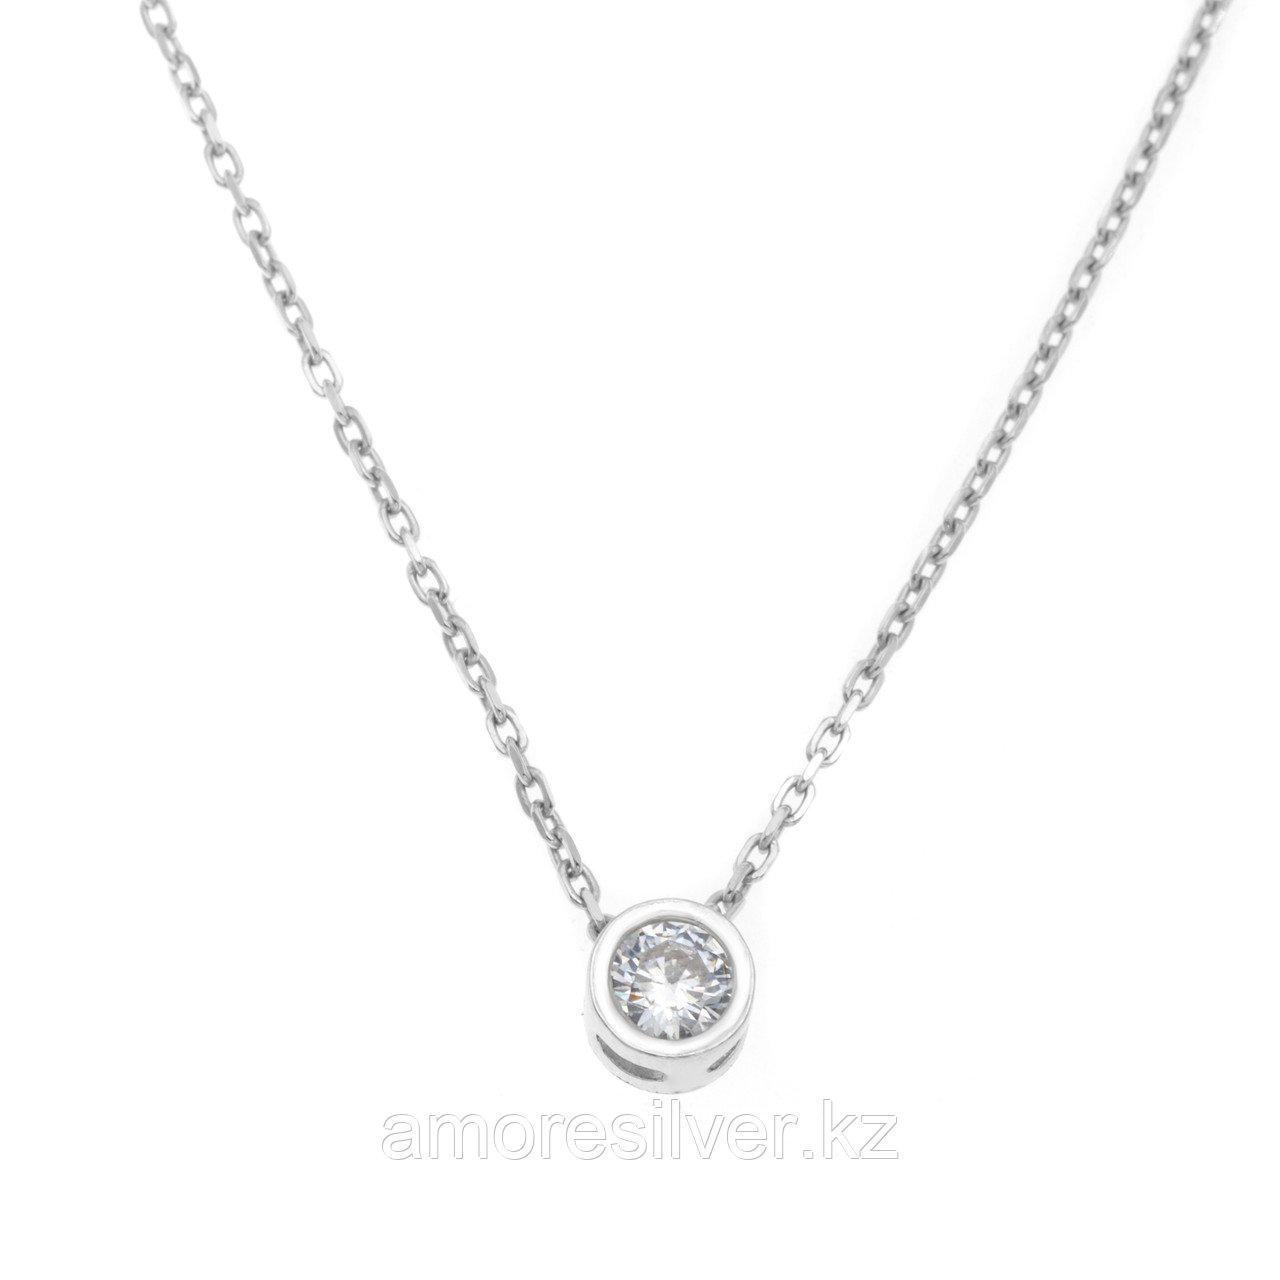 Колье TEOSA серебро с родием, фианит 0320175-00775